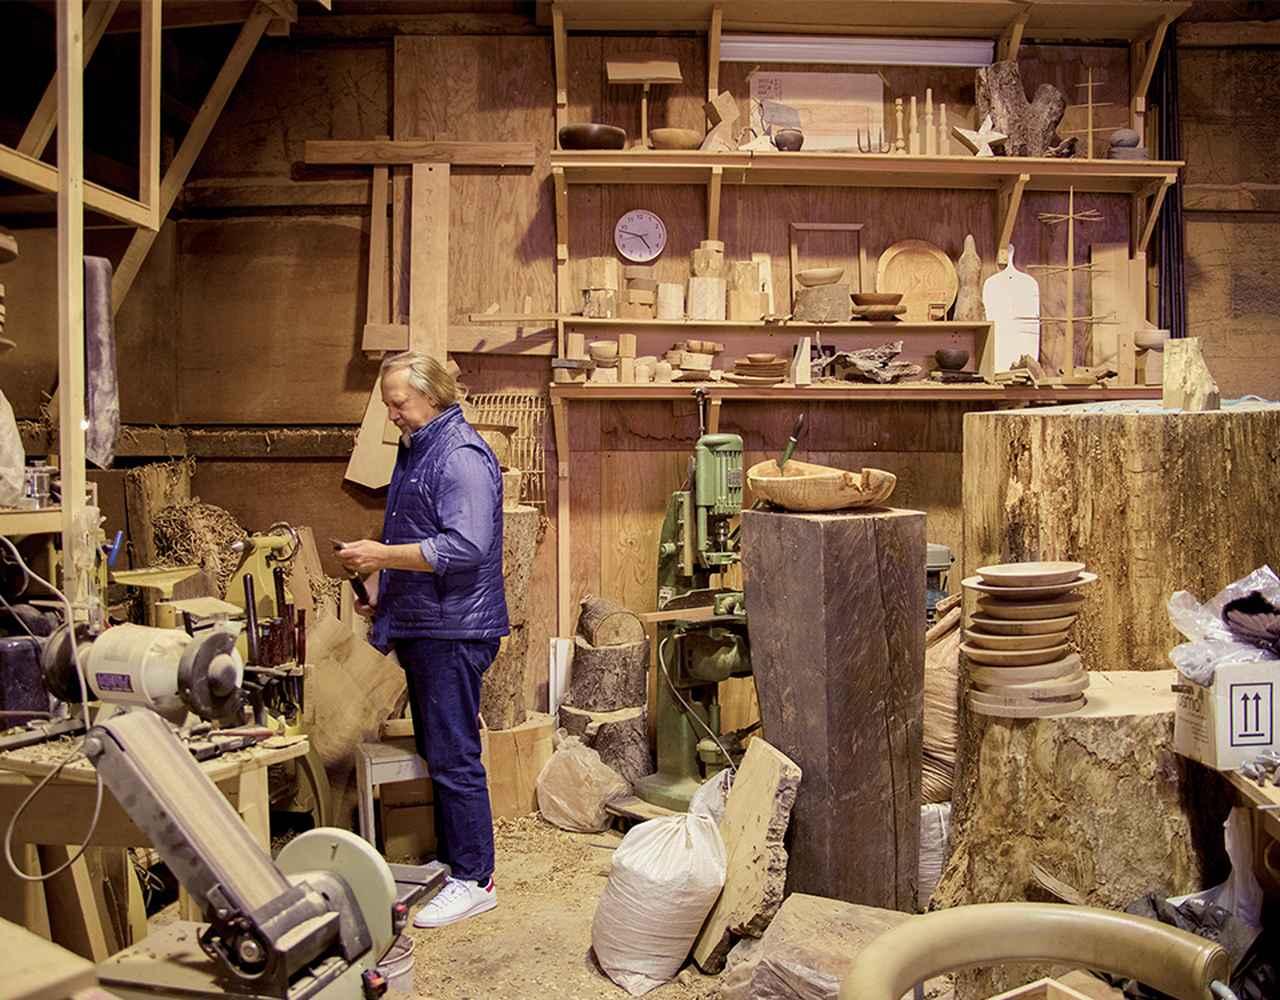 Images : 6番目の画像 - 「注目のデザインユニット ローマン&ウィリアムス、 日本の器に出会う」のアルバム - T JAPAN:The New York Times Style Magazine 公式サイト